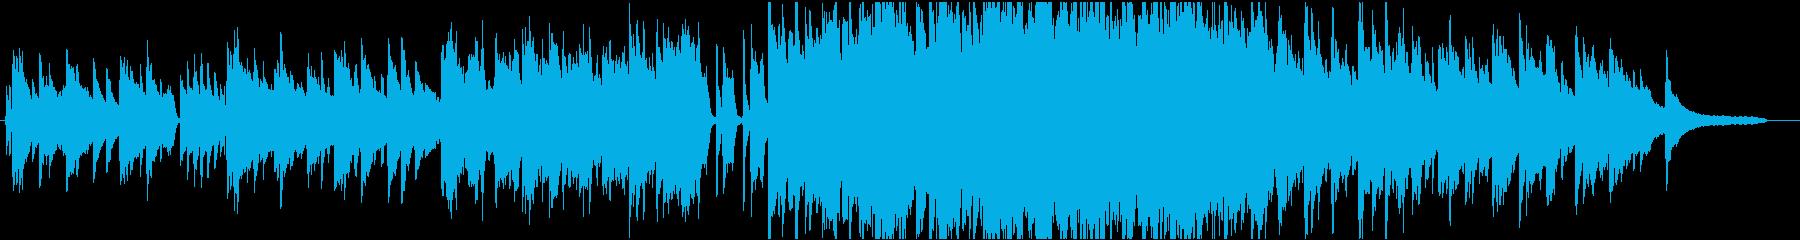 ピアノとストリングスを使用した感動的な曲の再生済みの波形